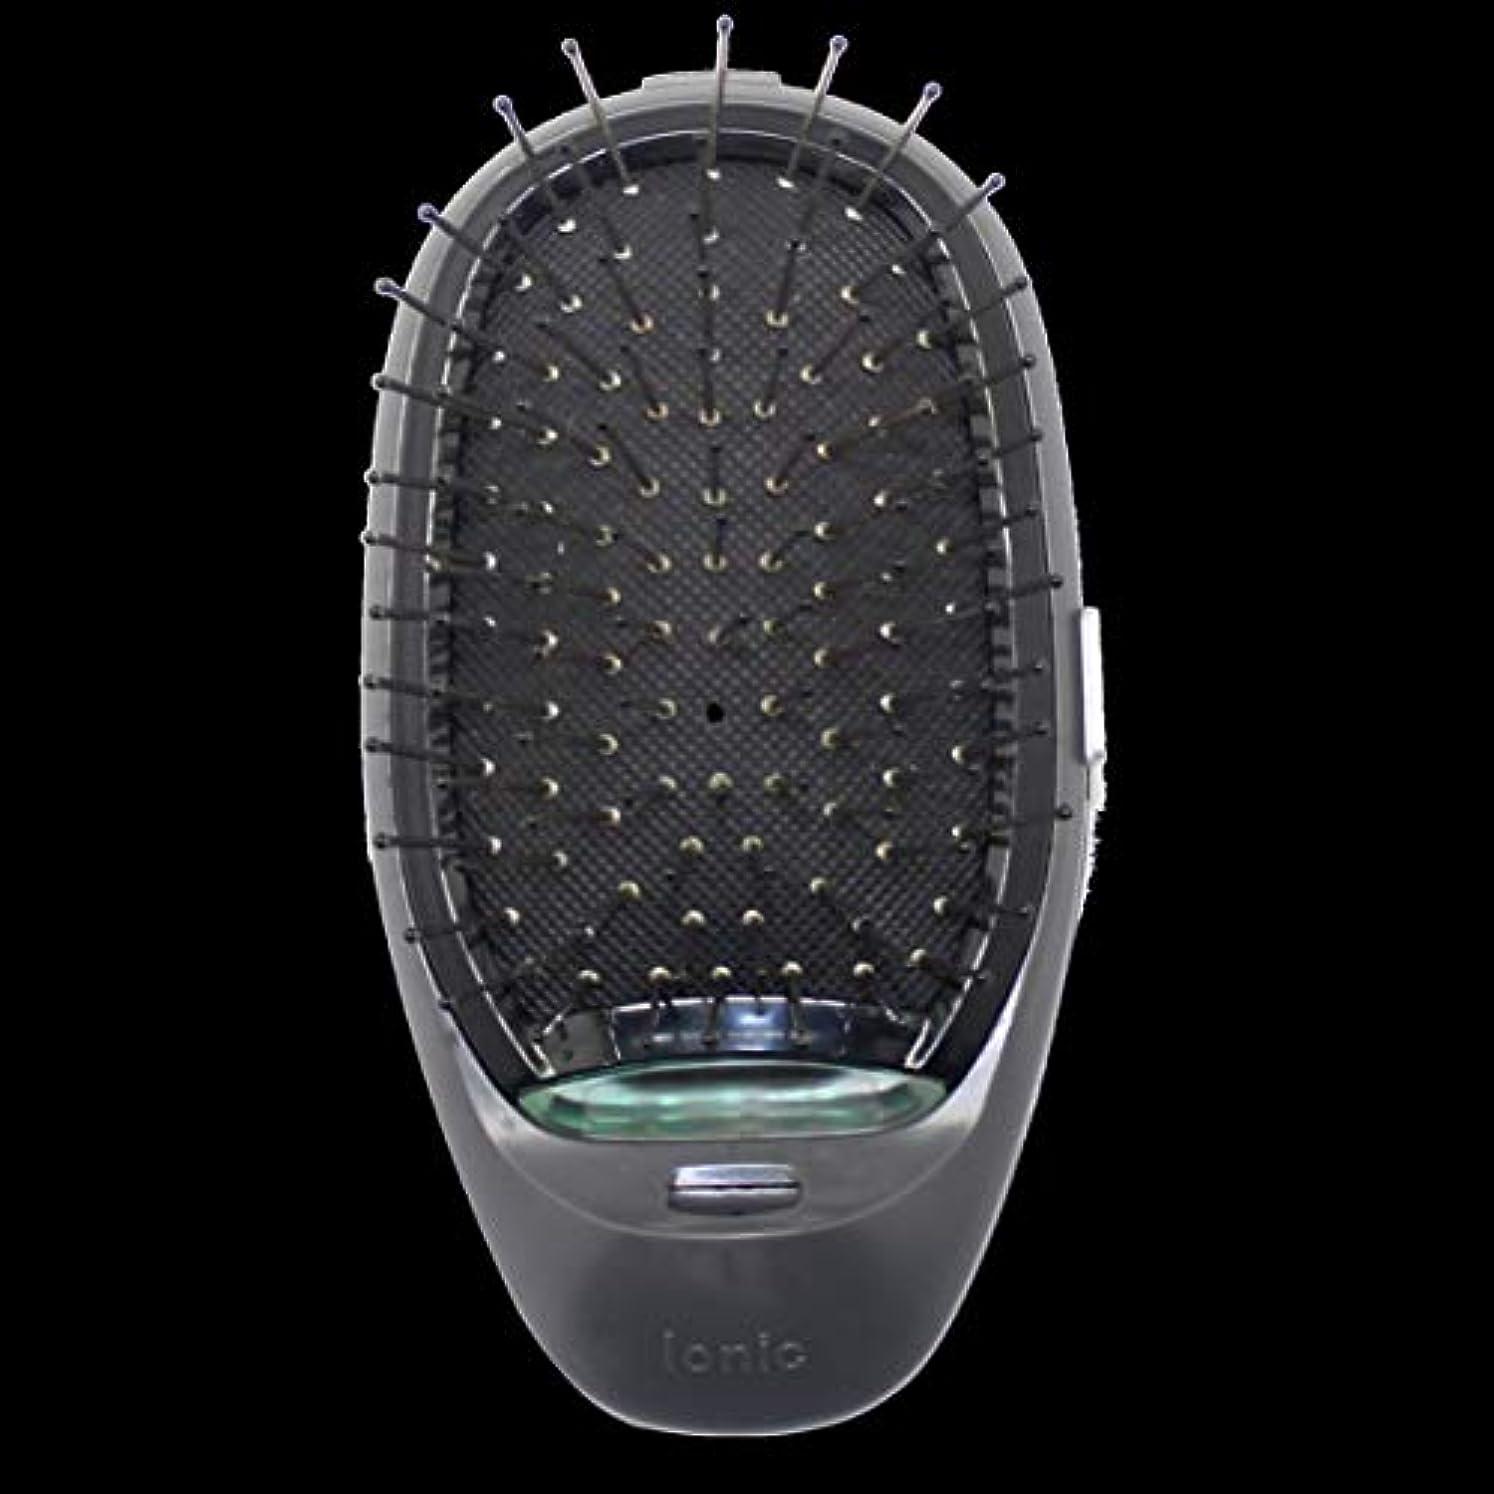 塩辛い巻き戻す教師の日電動マッサージヘアブラシミニマイナスイオンヘアコム3Dインフレータブルコーム帯電防止ガールズヘアブラシ電池式 - ブラック